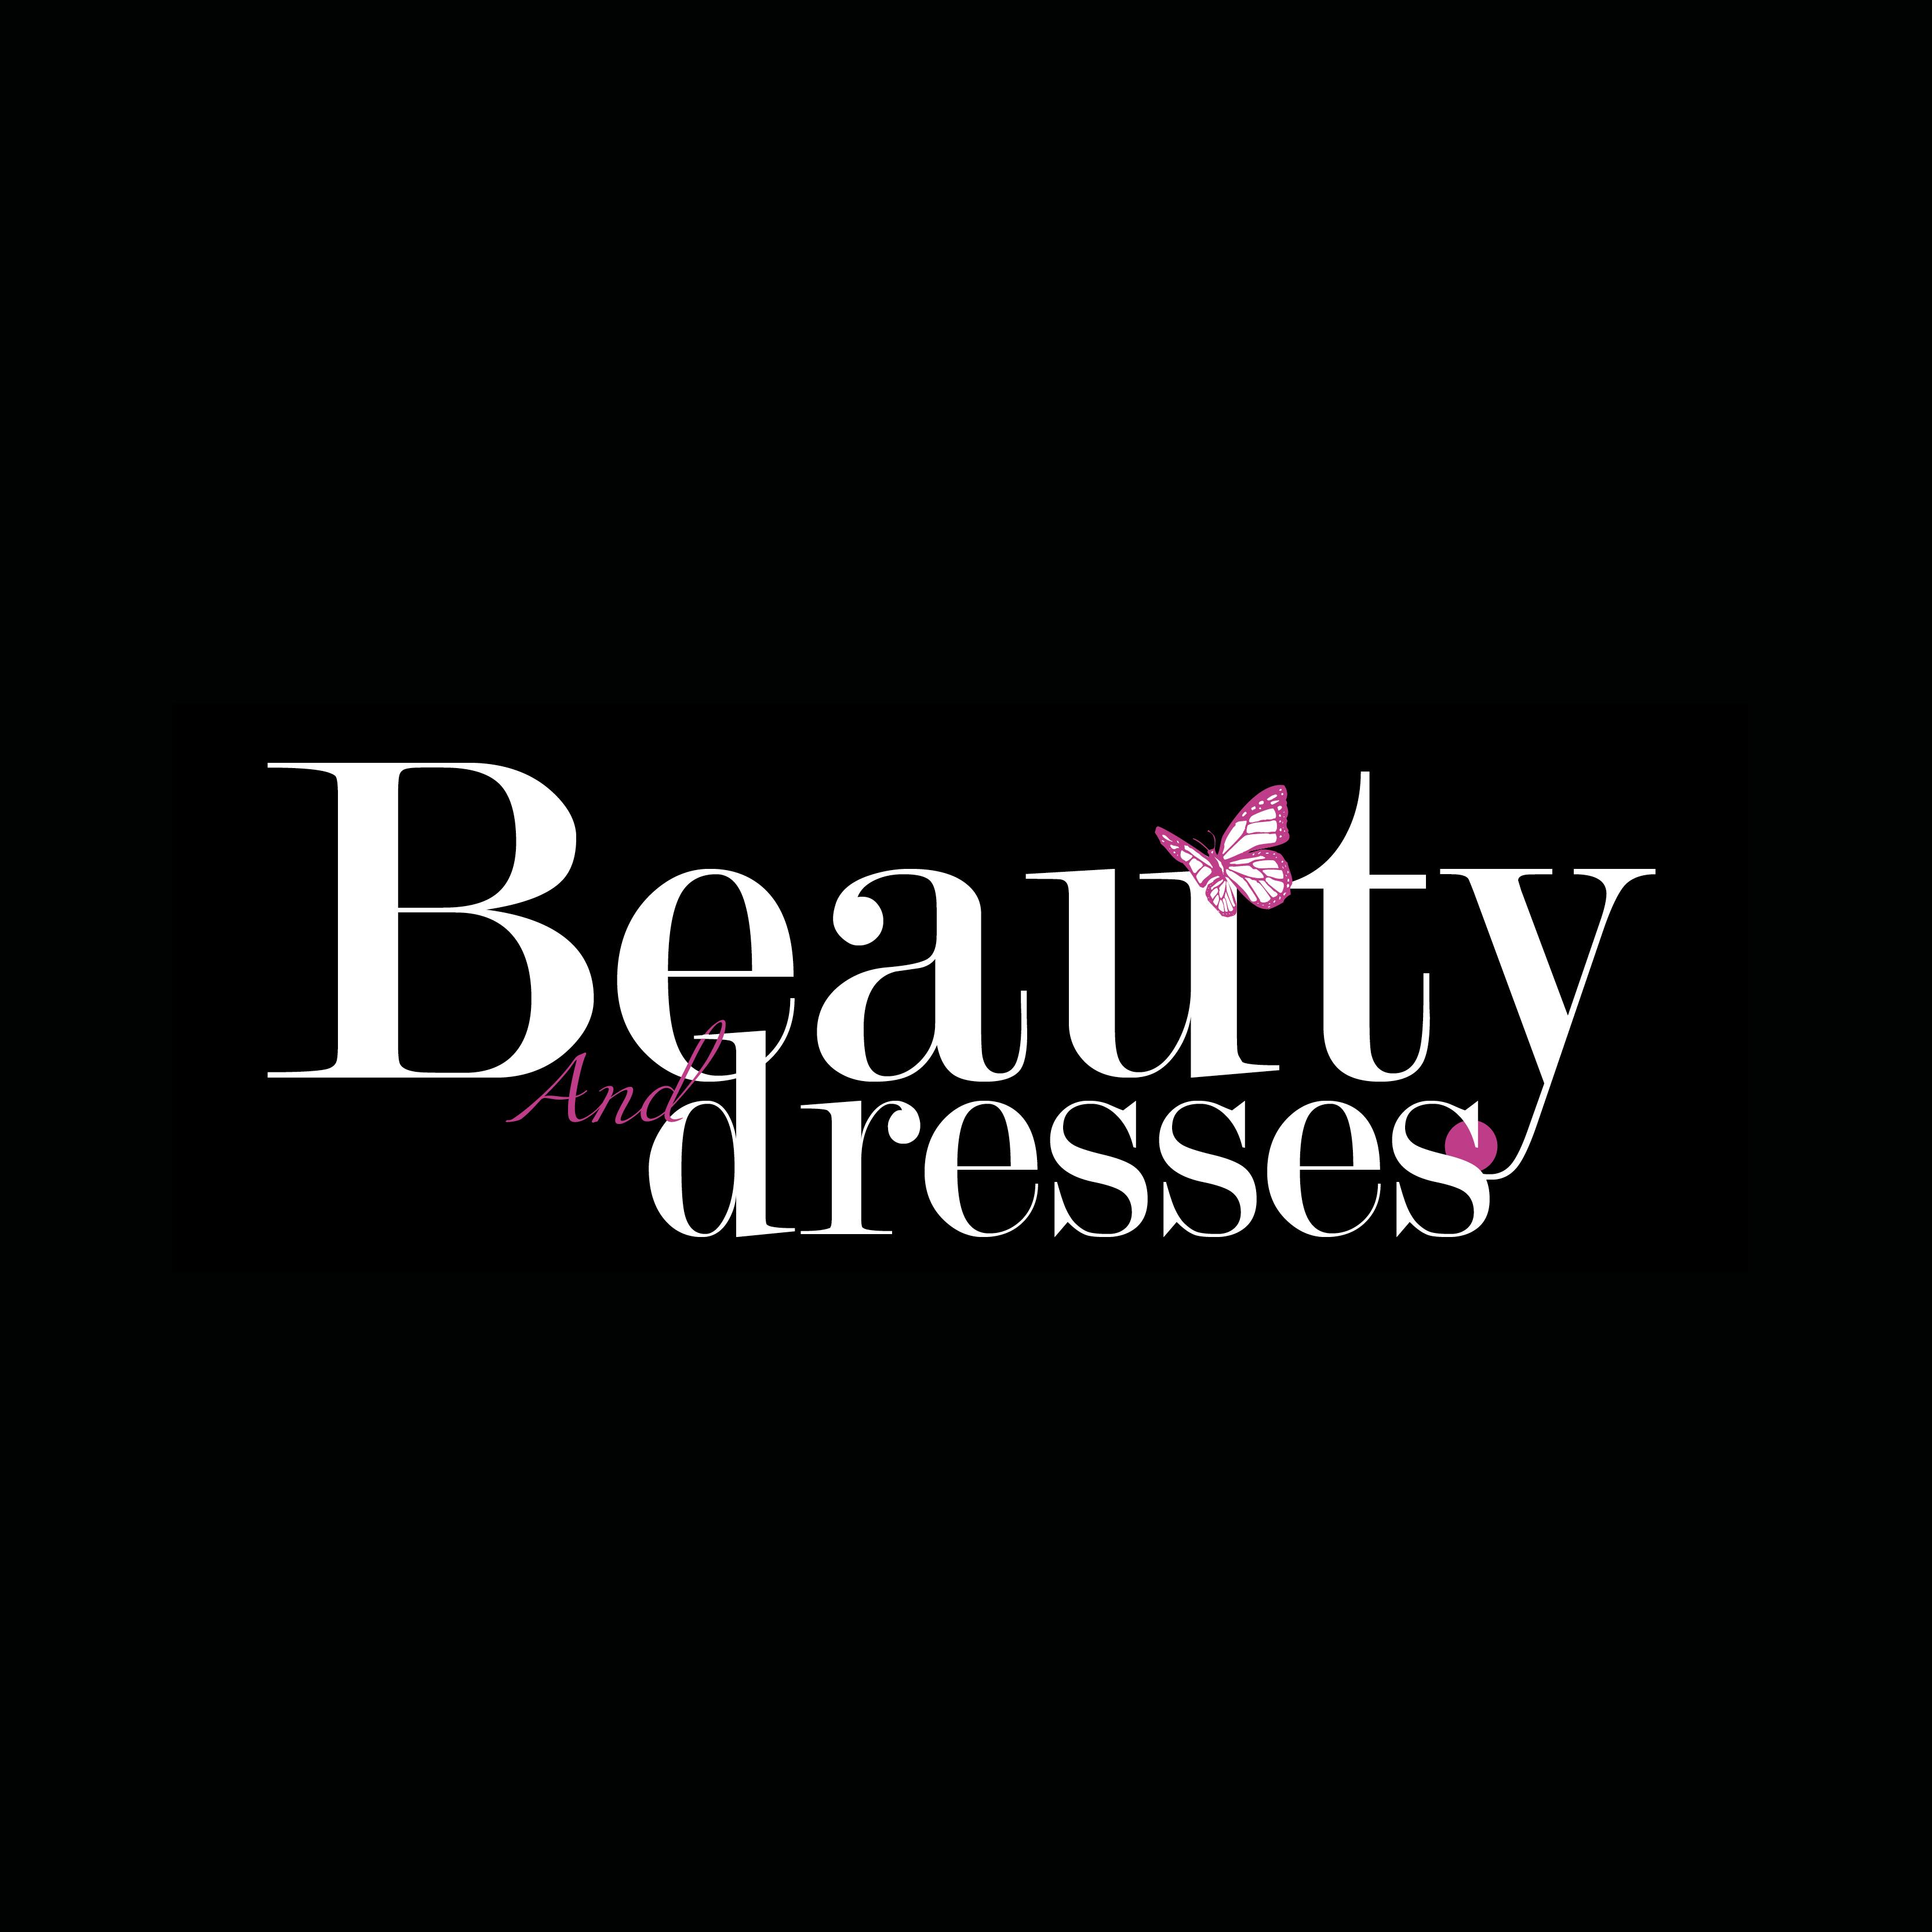 Unikt logo til din virksomhed - Lindstedt Graphic Design Studio - Beauty and Dresses